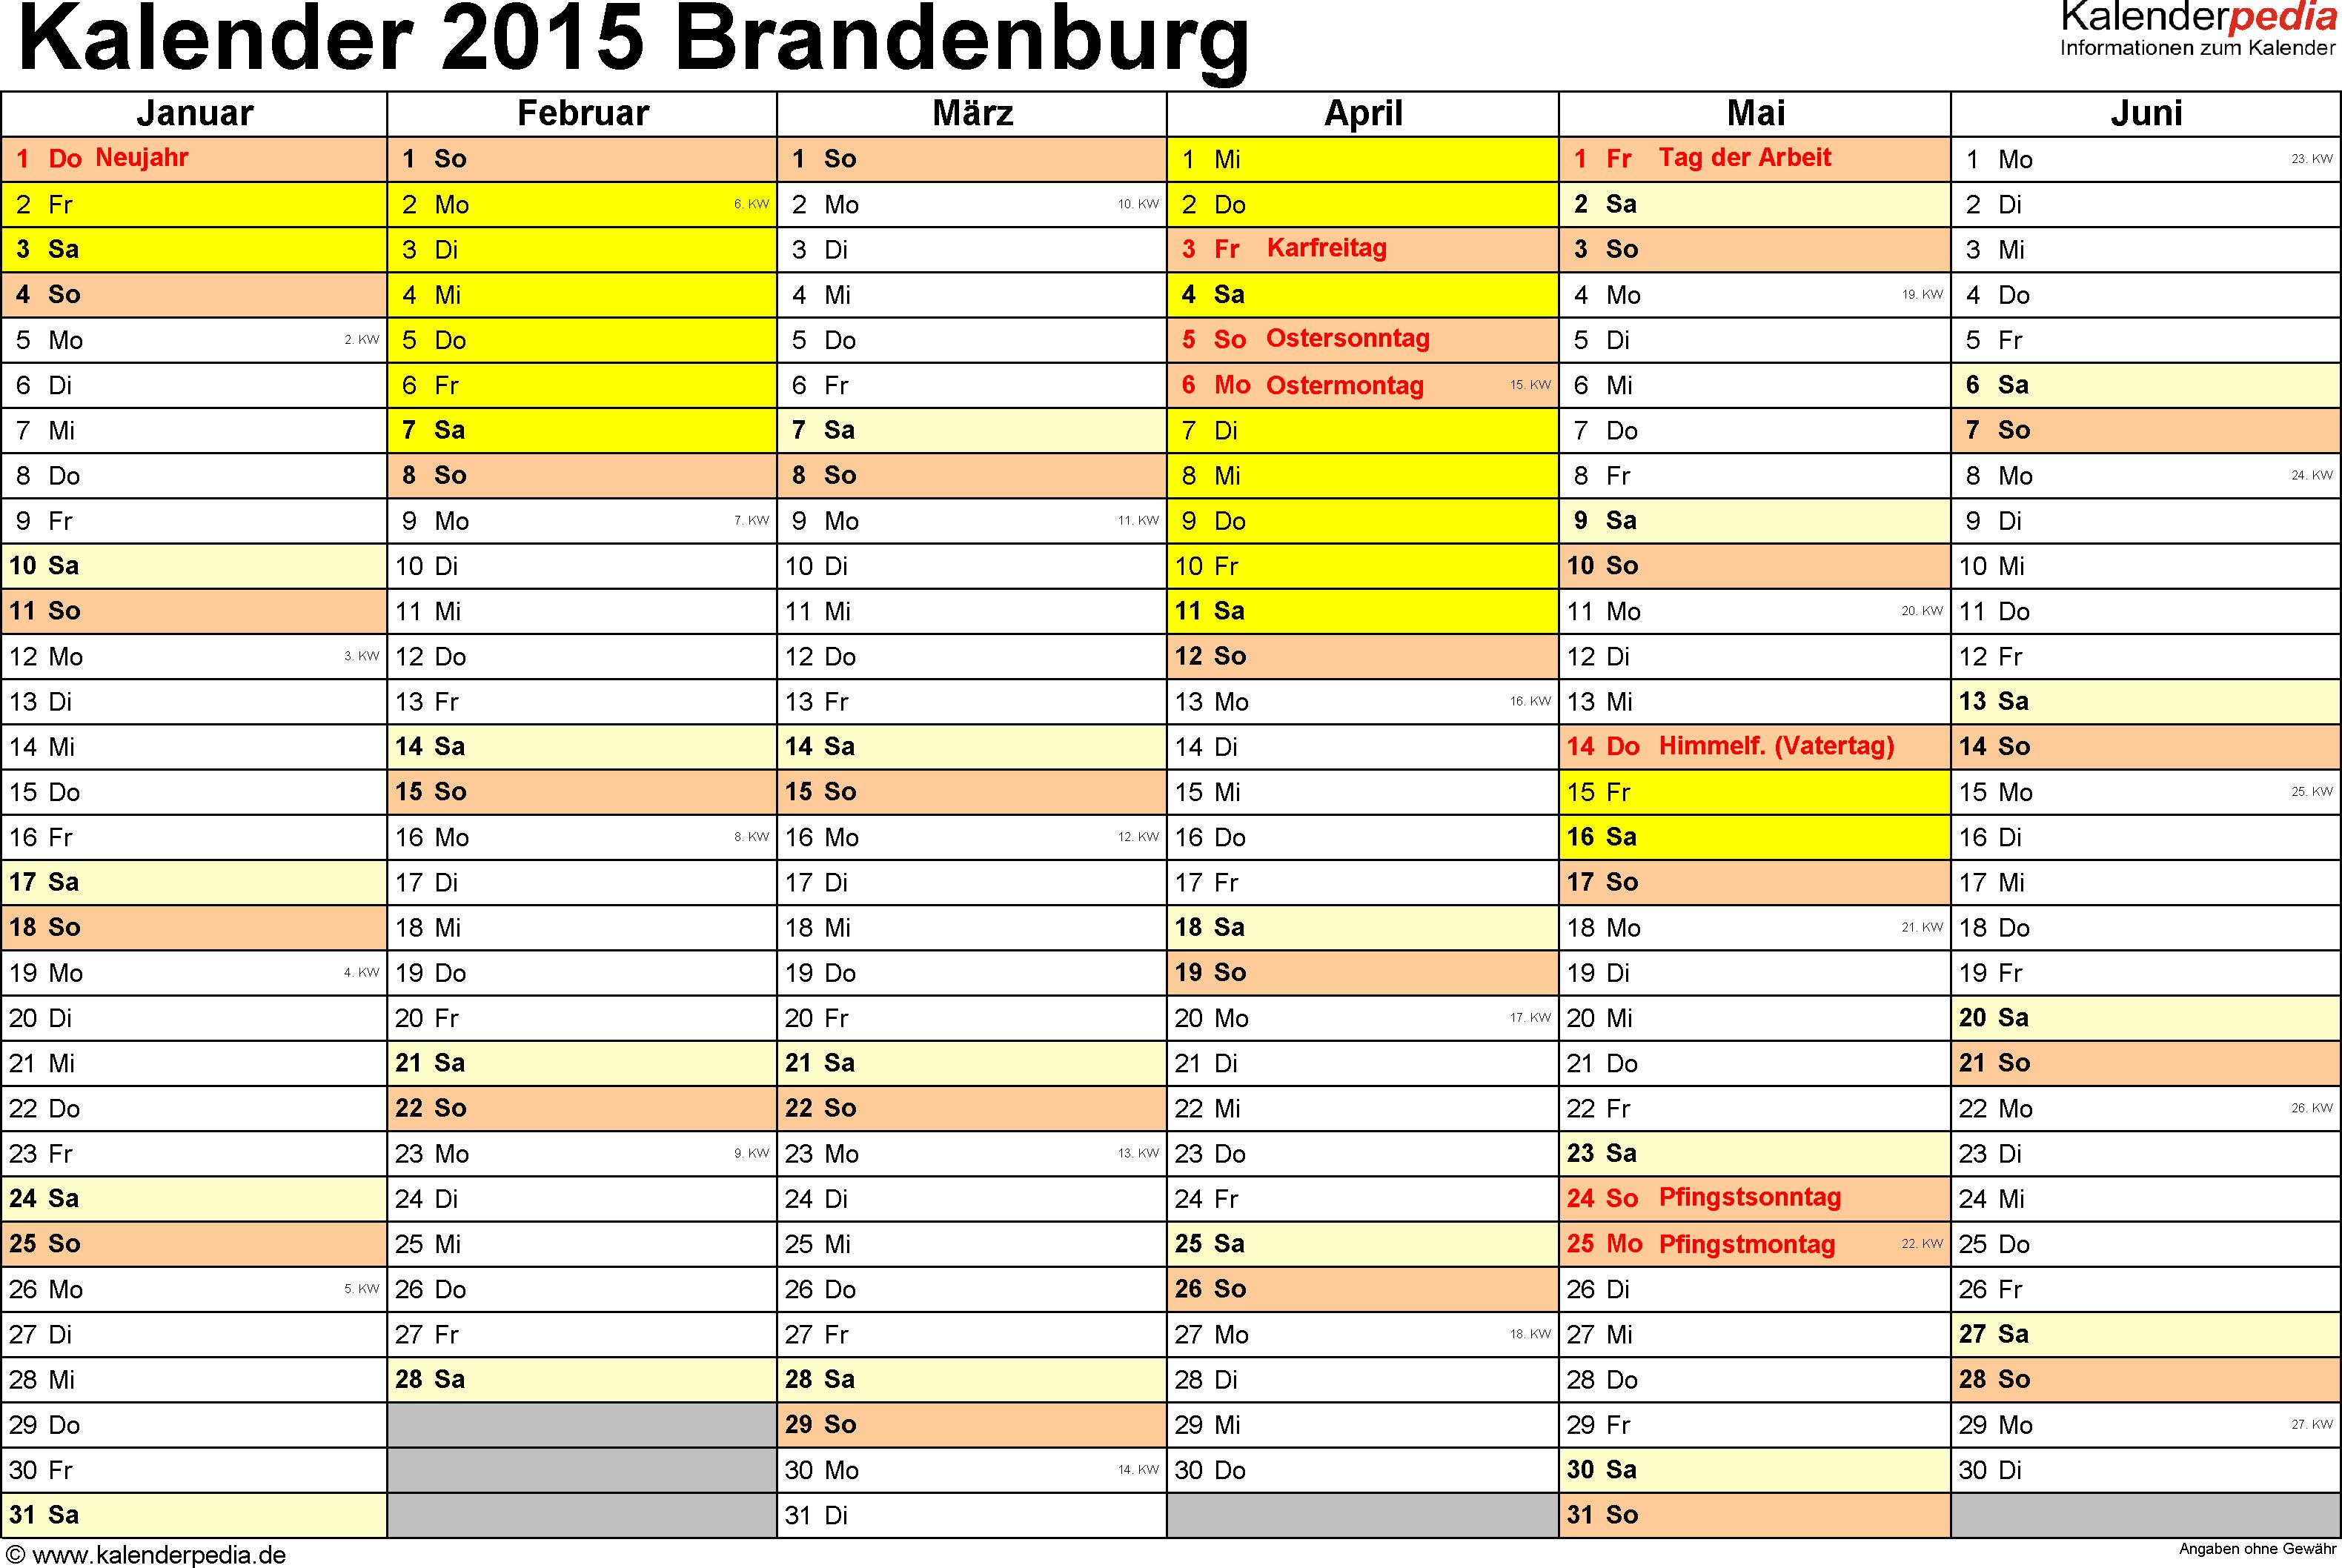 Vorlage 2: Kalender 2015 für Brandenburg als Word-Vorlagen (Querformat, 2 Seiten)